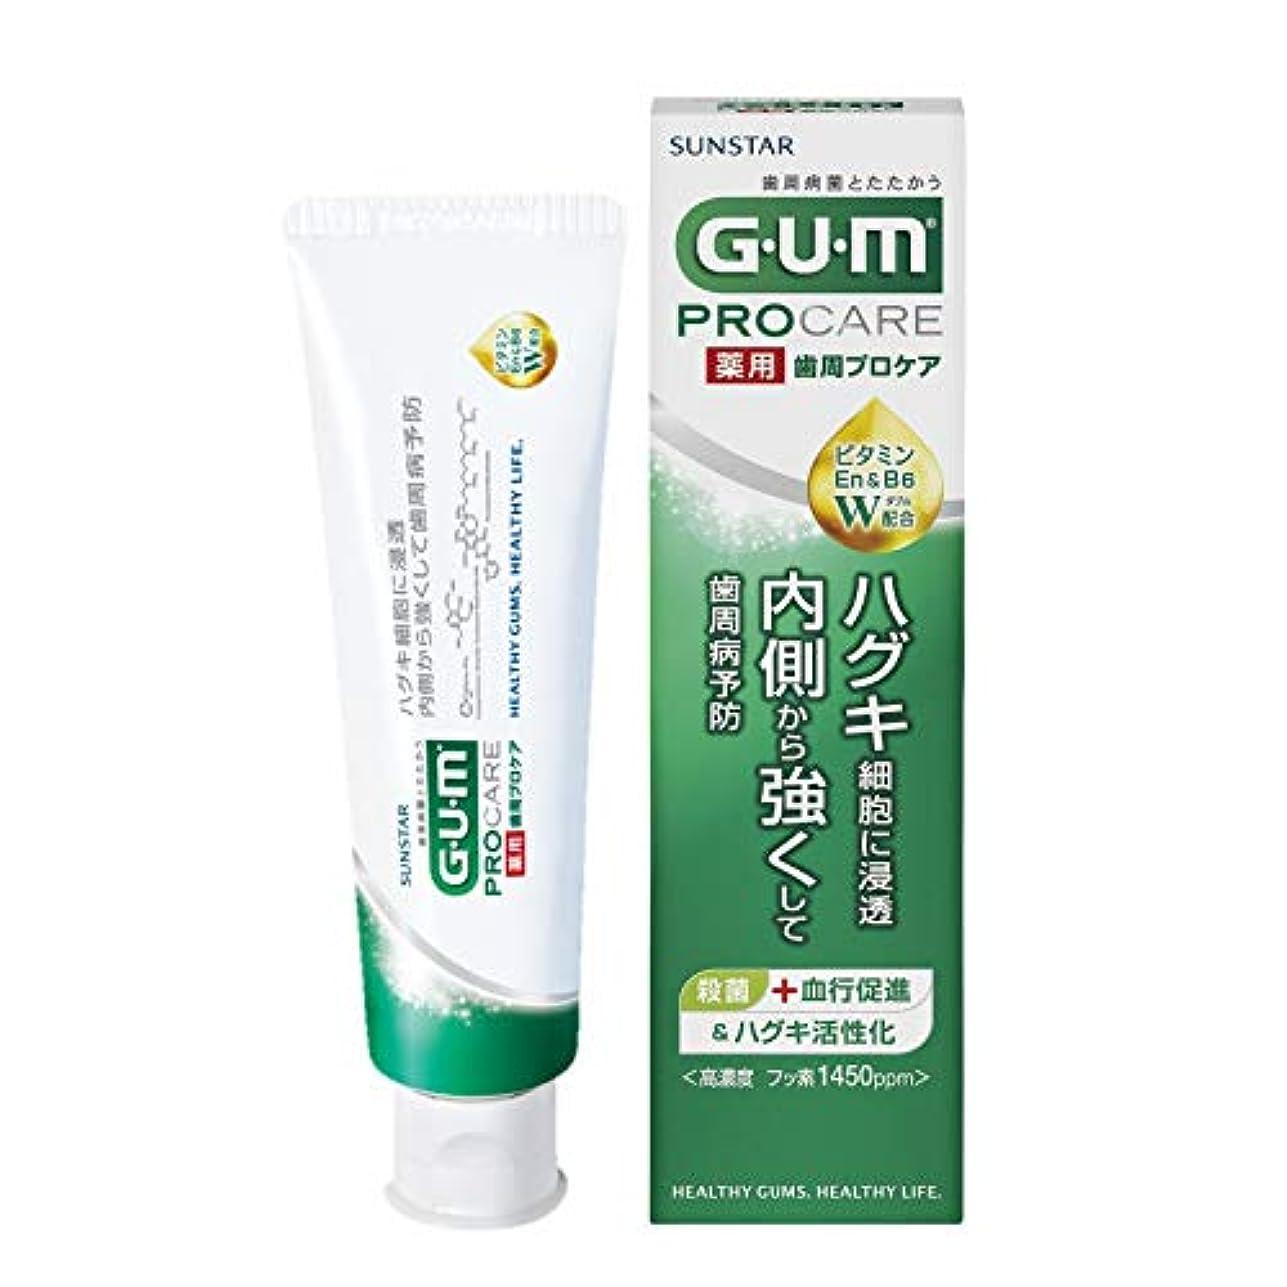 符号抑圧者ダメージ[医薬部外品] GUM(ガム) 歯周プロケア 歯みがき 90g <歯周病予防 ハグキケア 高濃度フッ素配合 1450ppm>